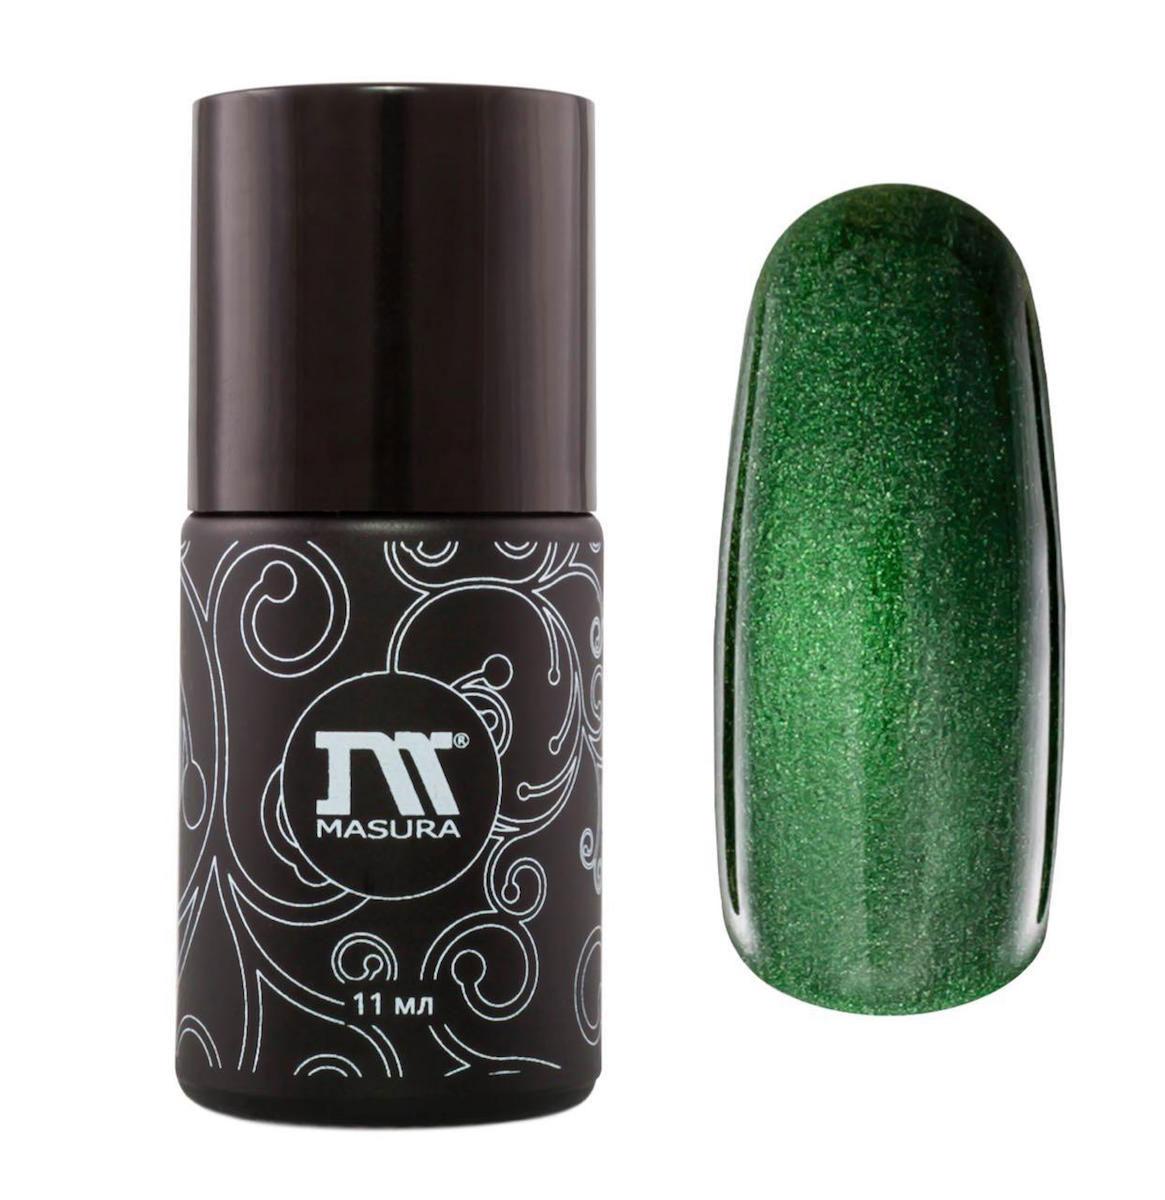 Masura Гель-лак трехфазный Фаберже, тон №295-03, 11 мл295-03SФаберже из коллекции гель-лаков Masura Драгоценные камни - это превосходный теплый изумрудно-зеленый оттенок, с зеркальным переливом, плотный. Маникюр с данным гель-лаком подойдет не только для особого случая, но и на каждый день, не надоест и сможет выгодно подчеркнуть любой образ. Этот насыщенный оттенок отлично сочетается с любыми цветами в одежде, а невероятный эффект, созданный при помощи магнита, придаст каждому ноготку уникальный и неповторимый вид. С помощью магнита вы можете вывести на первый план серебро лака либо сам оттенок; один лак сочетает в себе множество возможностей для дизайна и нэйл-арта.Ко всему вышеперечисленному, вы можете использовать слайдер-дизайн или стемпинг. Тогда маникюр начнет играть новыми, удивительными красками, создавая образ неповторимой, творческой личности. Используя данный гель-лак Masura, вы станете обладательницей исключительного рисунка на ваших ноготках и привлечете к себе внимание окружающих. Товар сертифицирован.Как ухаживать за ногтями: советы эксперта. Статья OZON Гид